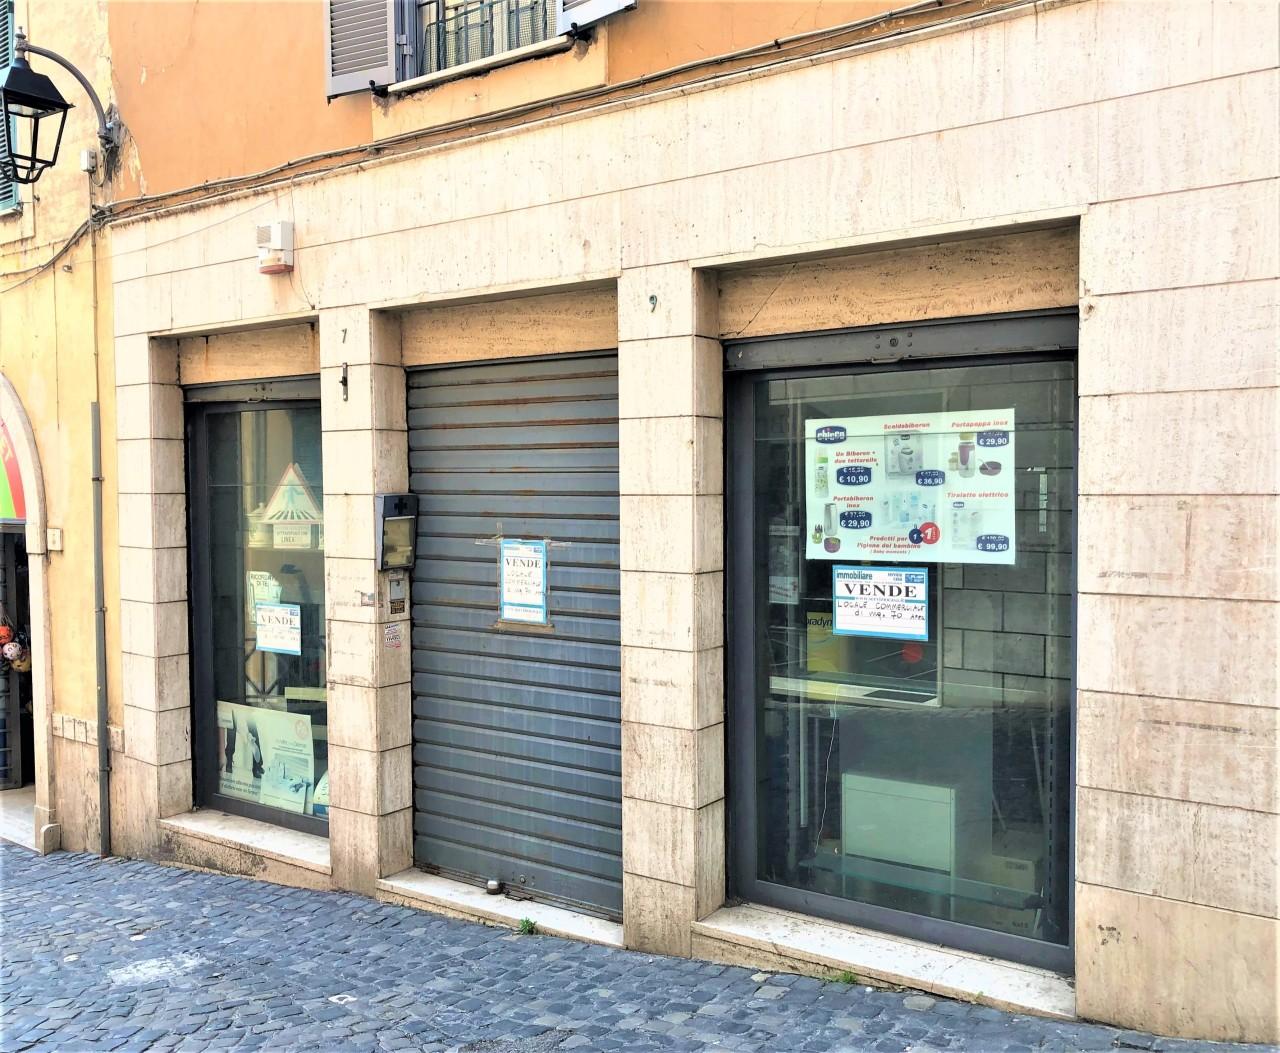 Locale commerciale - 3 Vetrine a Castel Madama Rif. 11034209